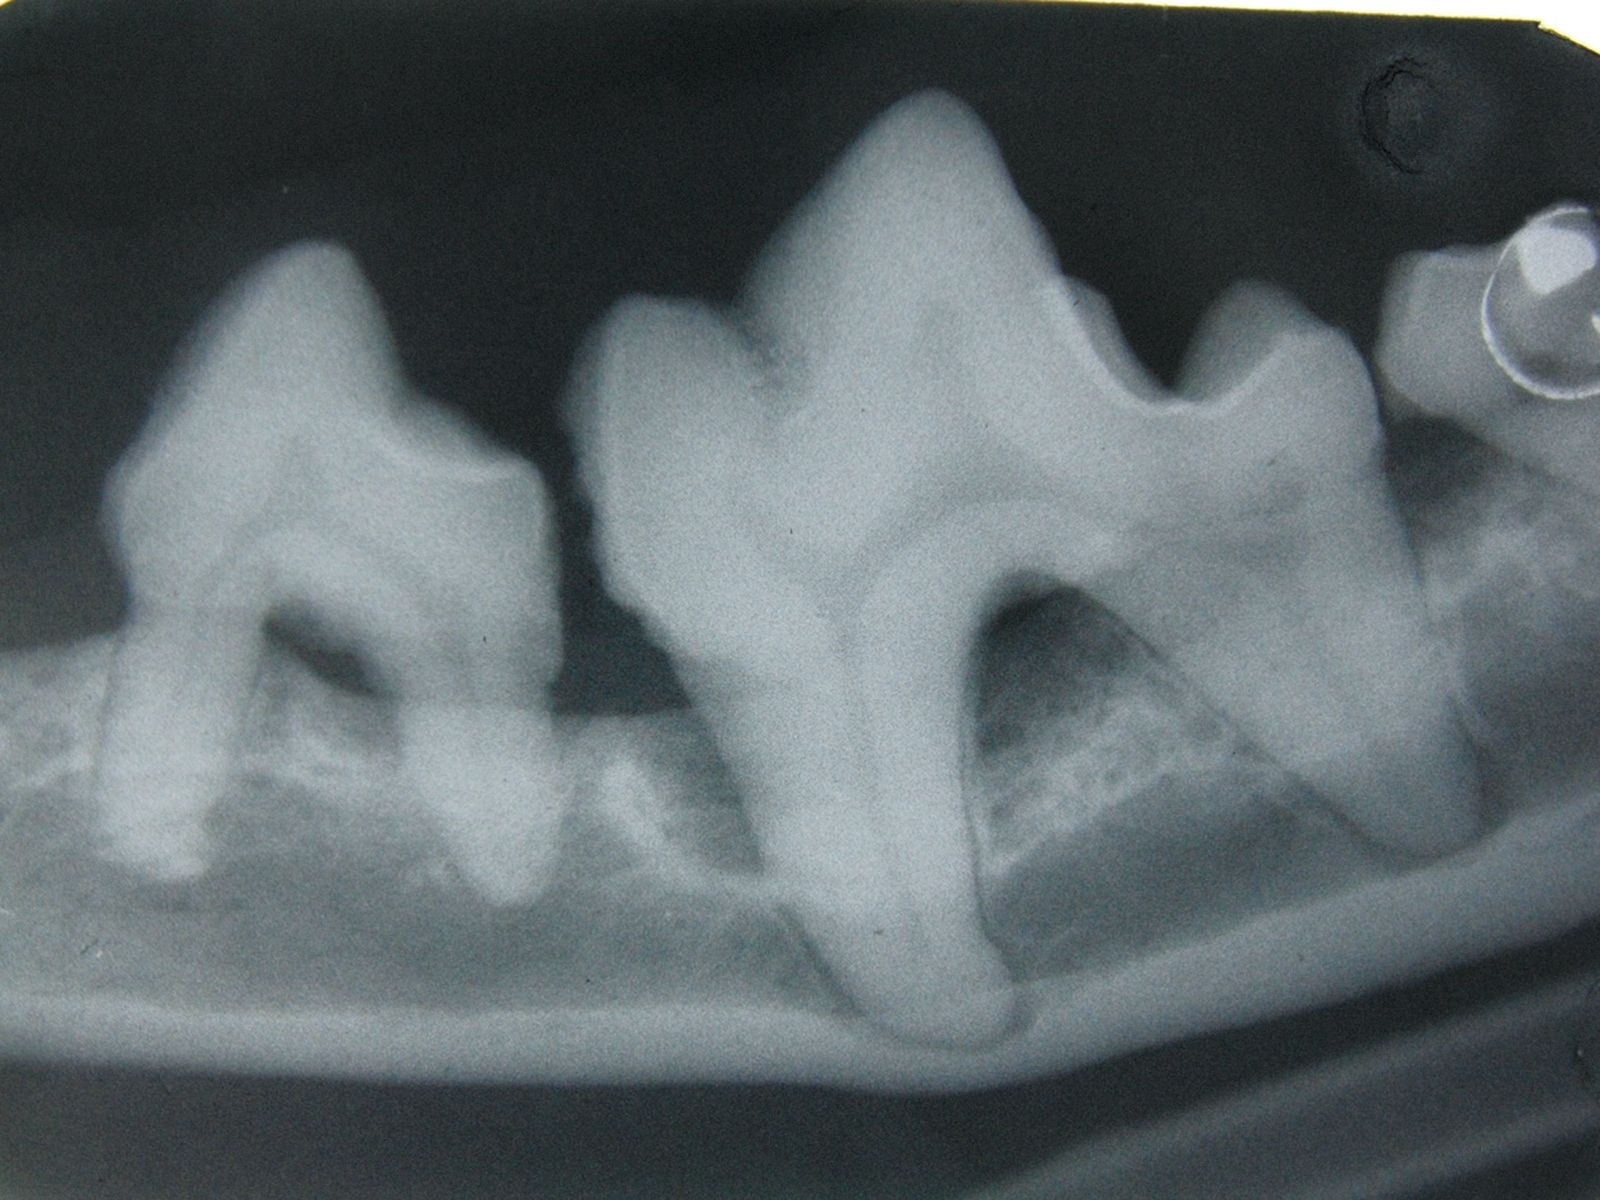 Las radiografías intraorales son fundamentales en la valoración de un individuo con periodontitis. Nótese la pérdida del hueso alveolar alrededor de los dientes afectados.